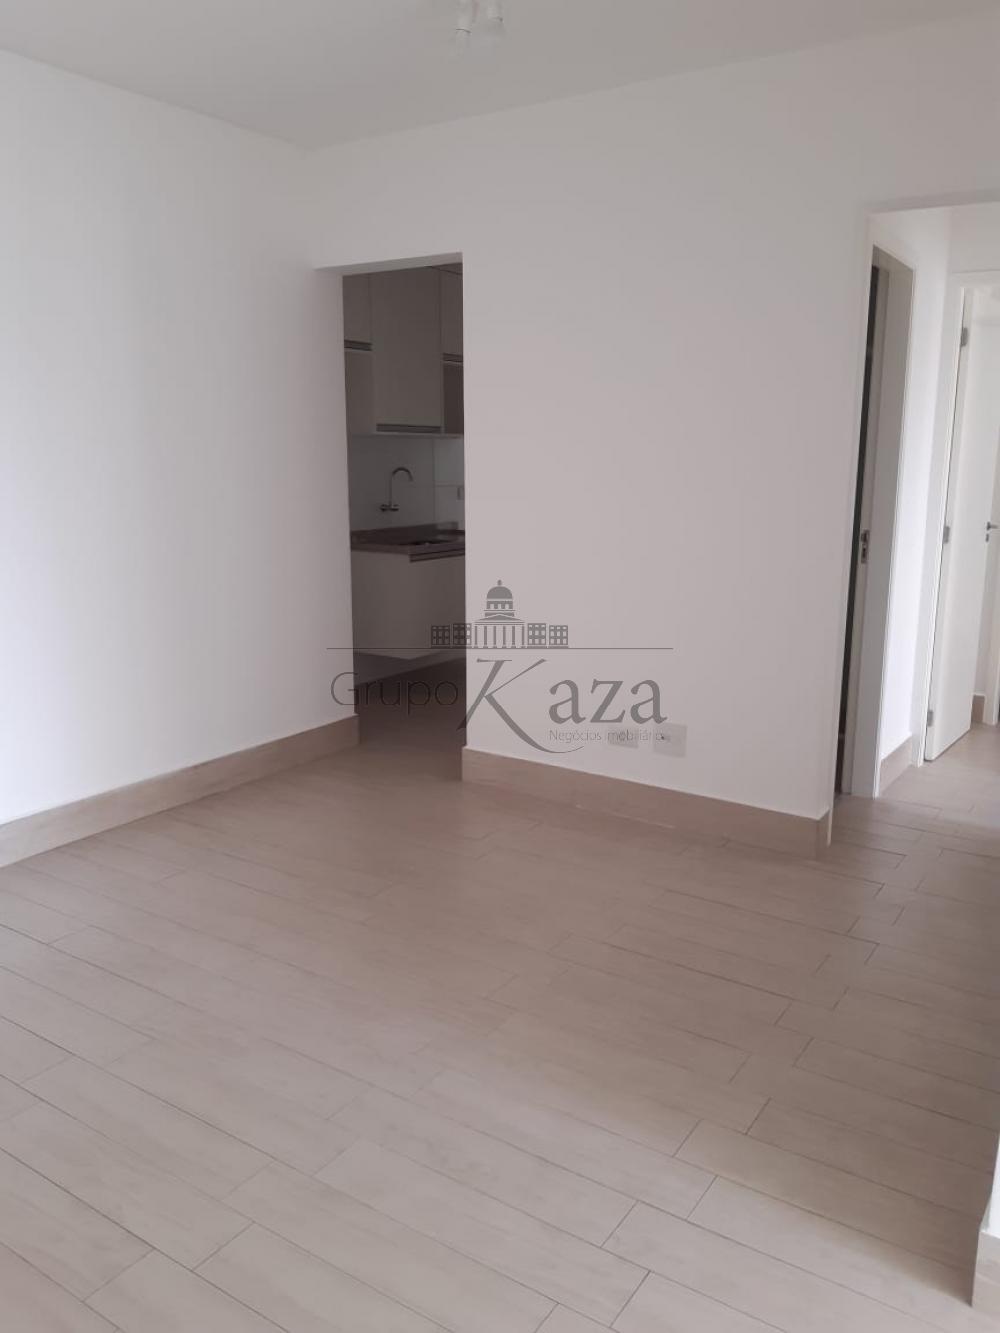 alt='Alugar Apartamento / Padrão em São José dos Campos R$ 2.400,00 - Foto 3' title='Alugar Apartamento / Padrão em São José dos Campos R$ 2.400,00 - Foto 3'